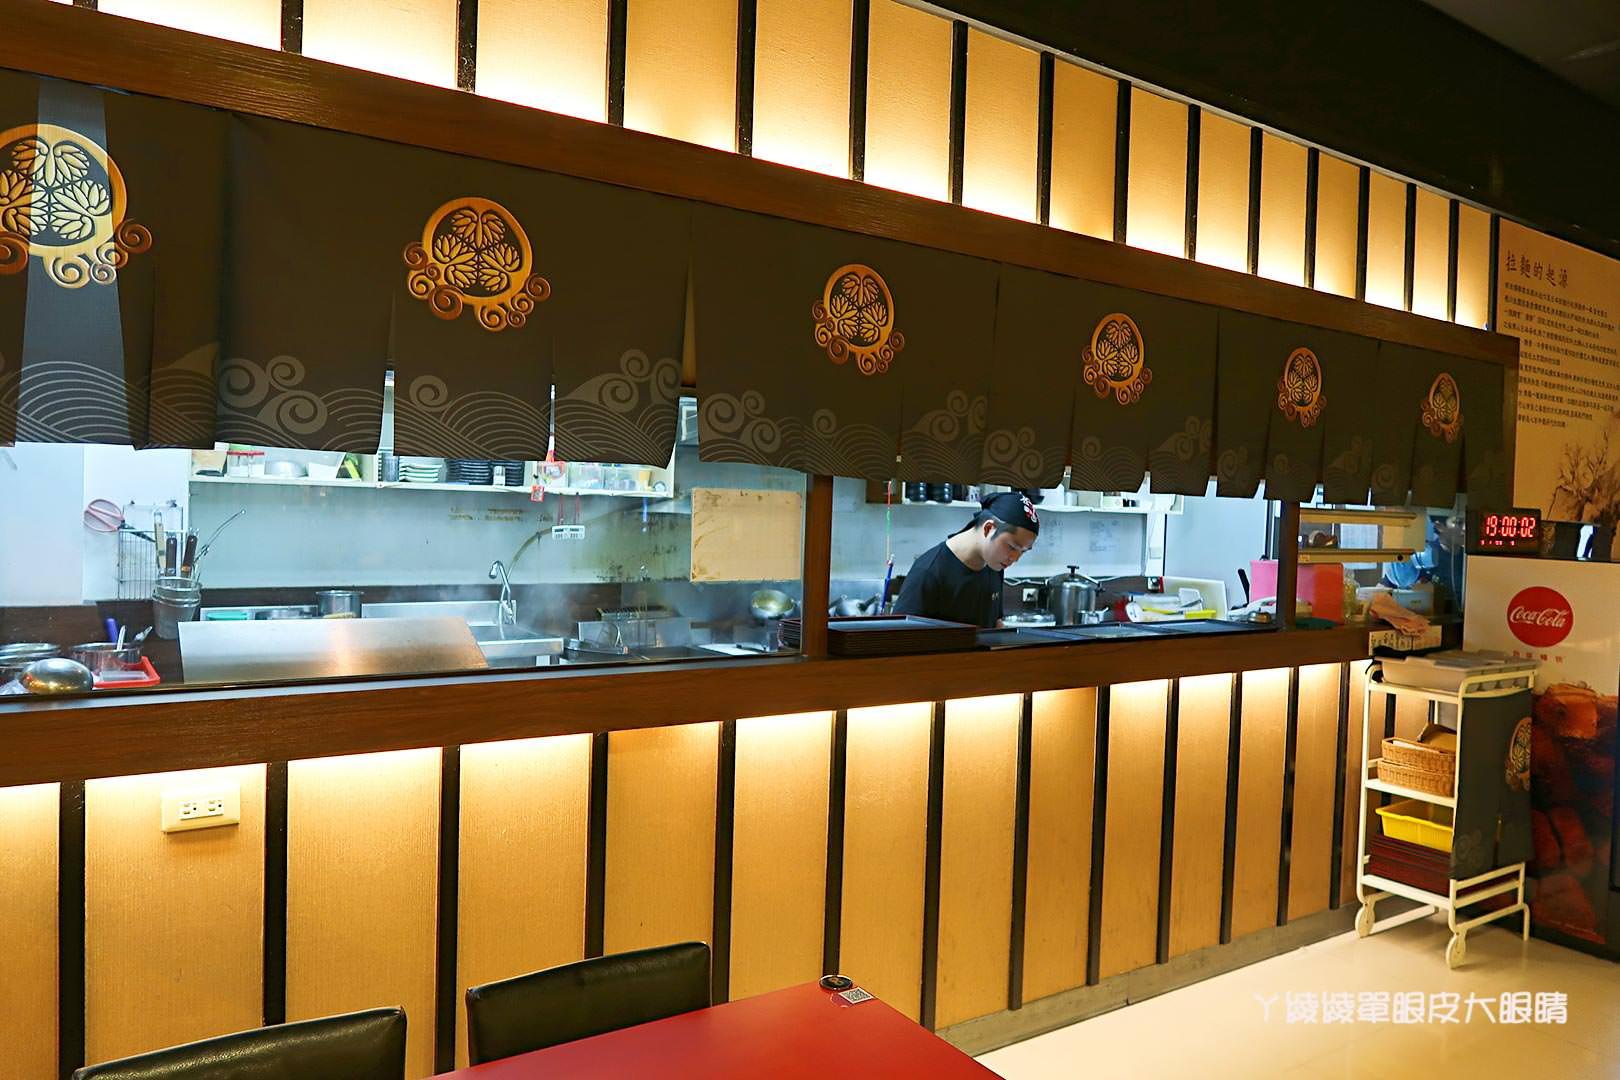 苗栗尚順廣場好吃平價拉麵|水戶藩拉麵丼飯 頭份尚順店,不用220元就可以吃到大碗拉麵加丼飯!